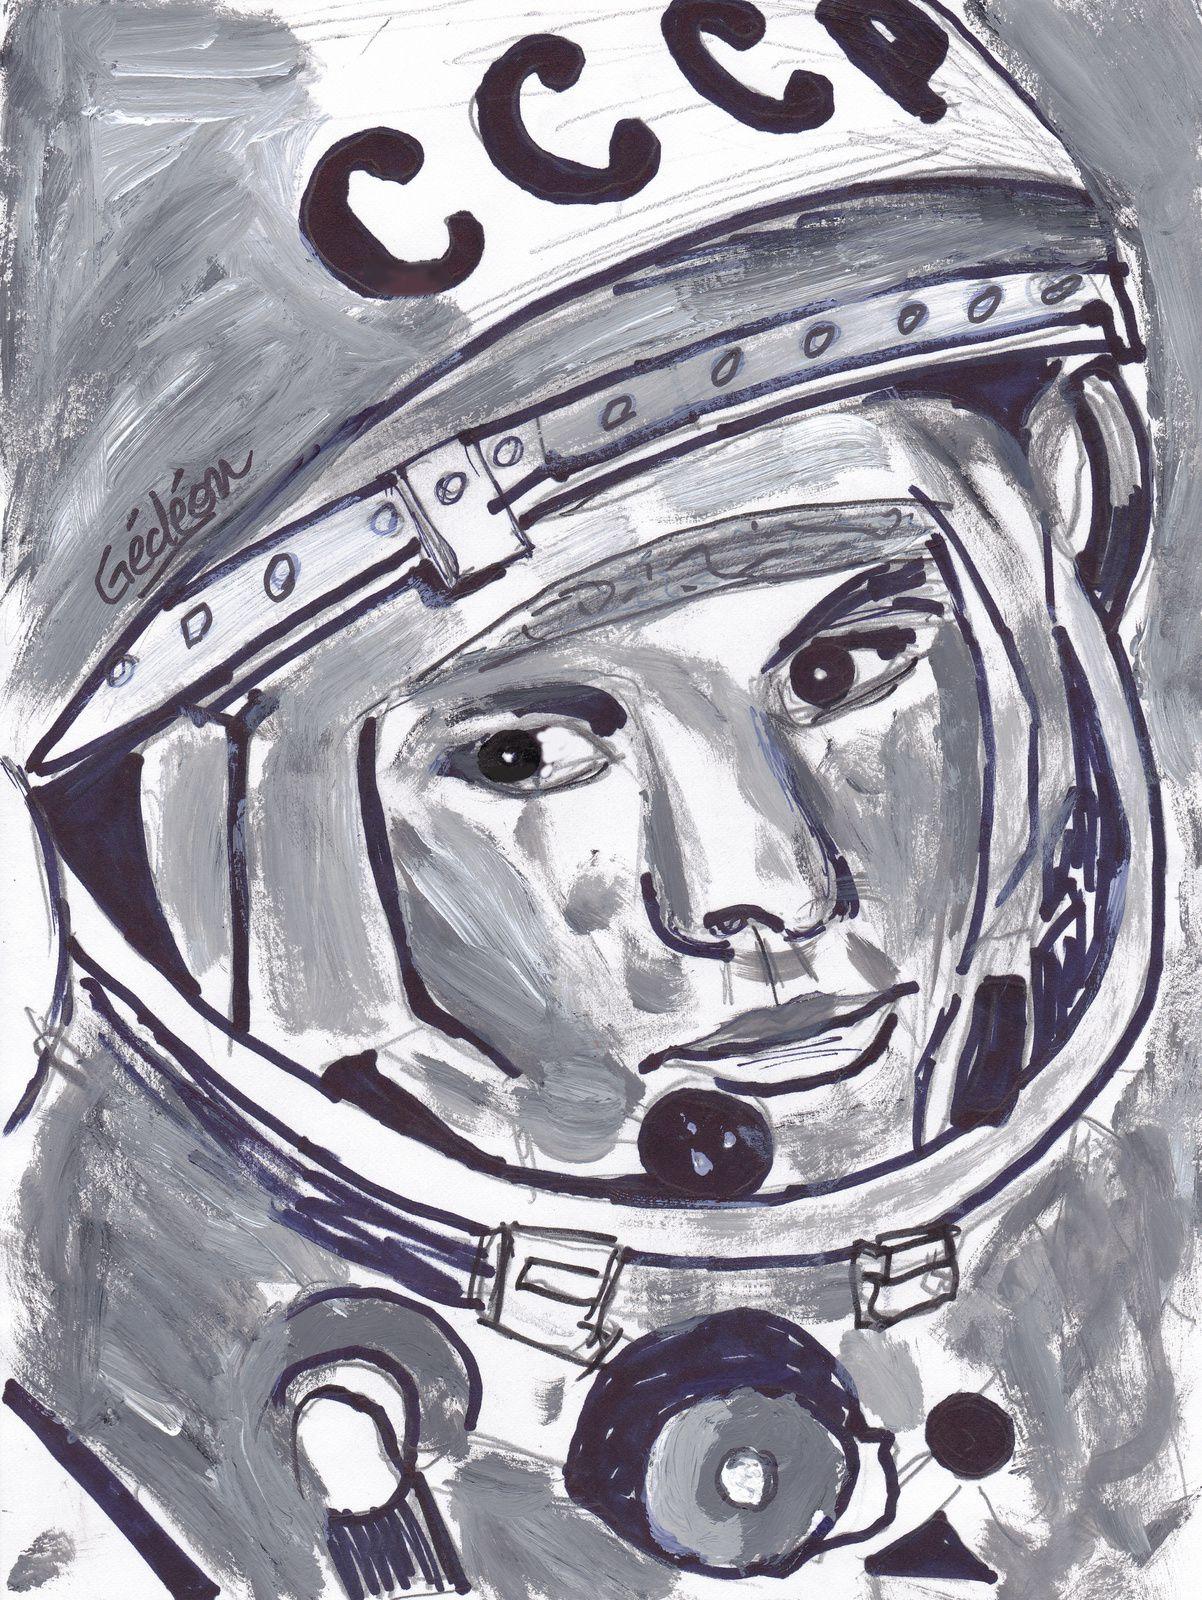 Gagarine - Premier homme dans l'espace - First in space - 60 ans - 12 avril 1961 - Iouri ou Youri - URSS - Vol habité - Première orbite